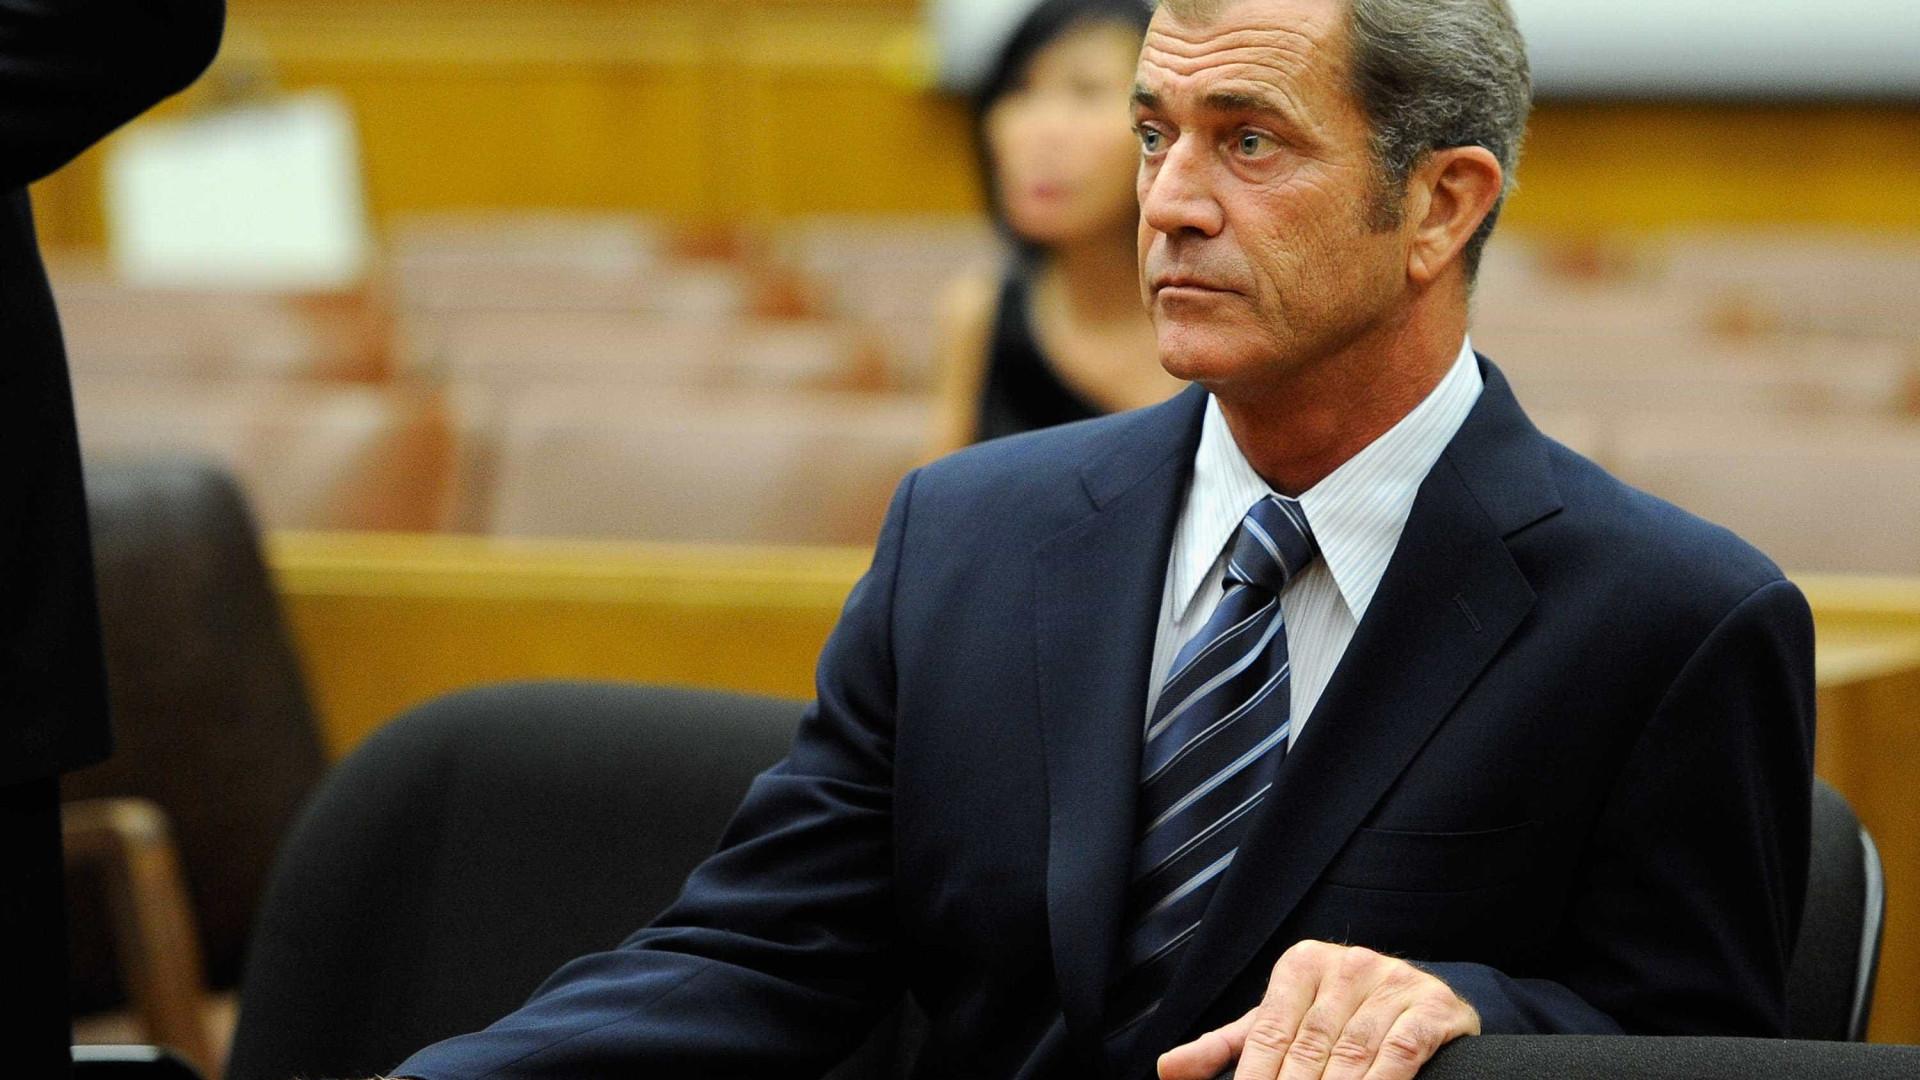 Boicote de um sonho? Mel Gibson acusa produtora de fraude